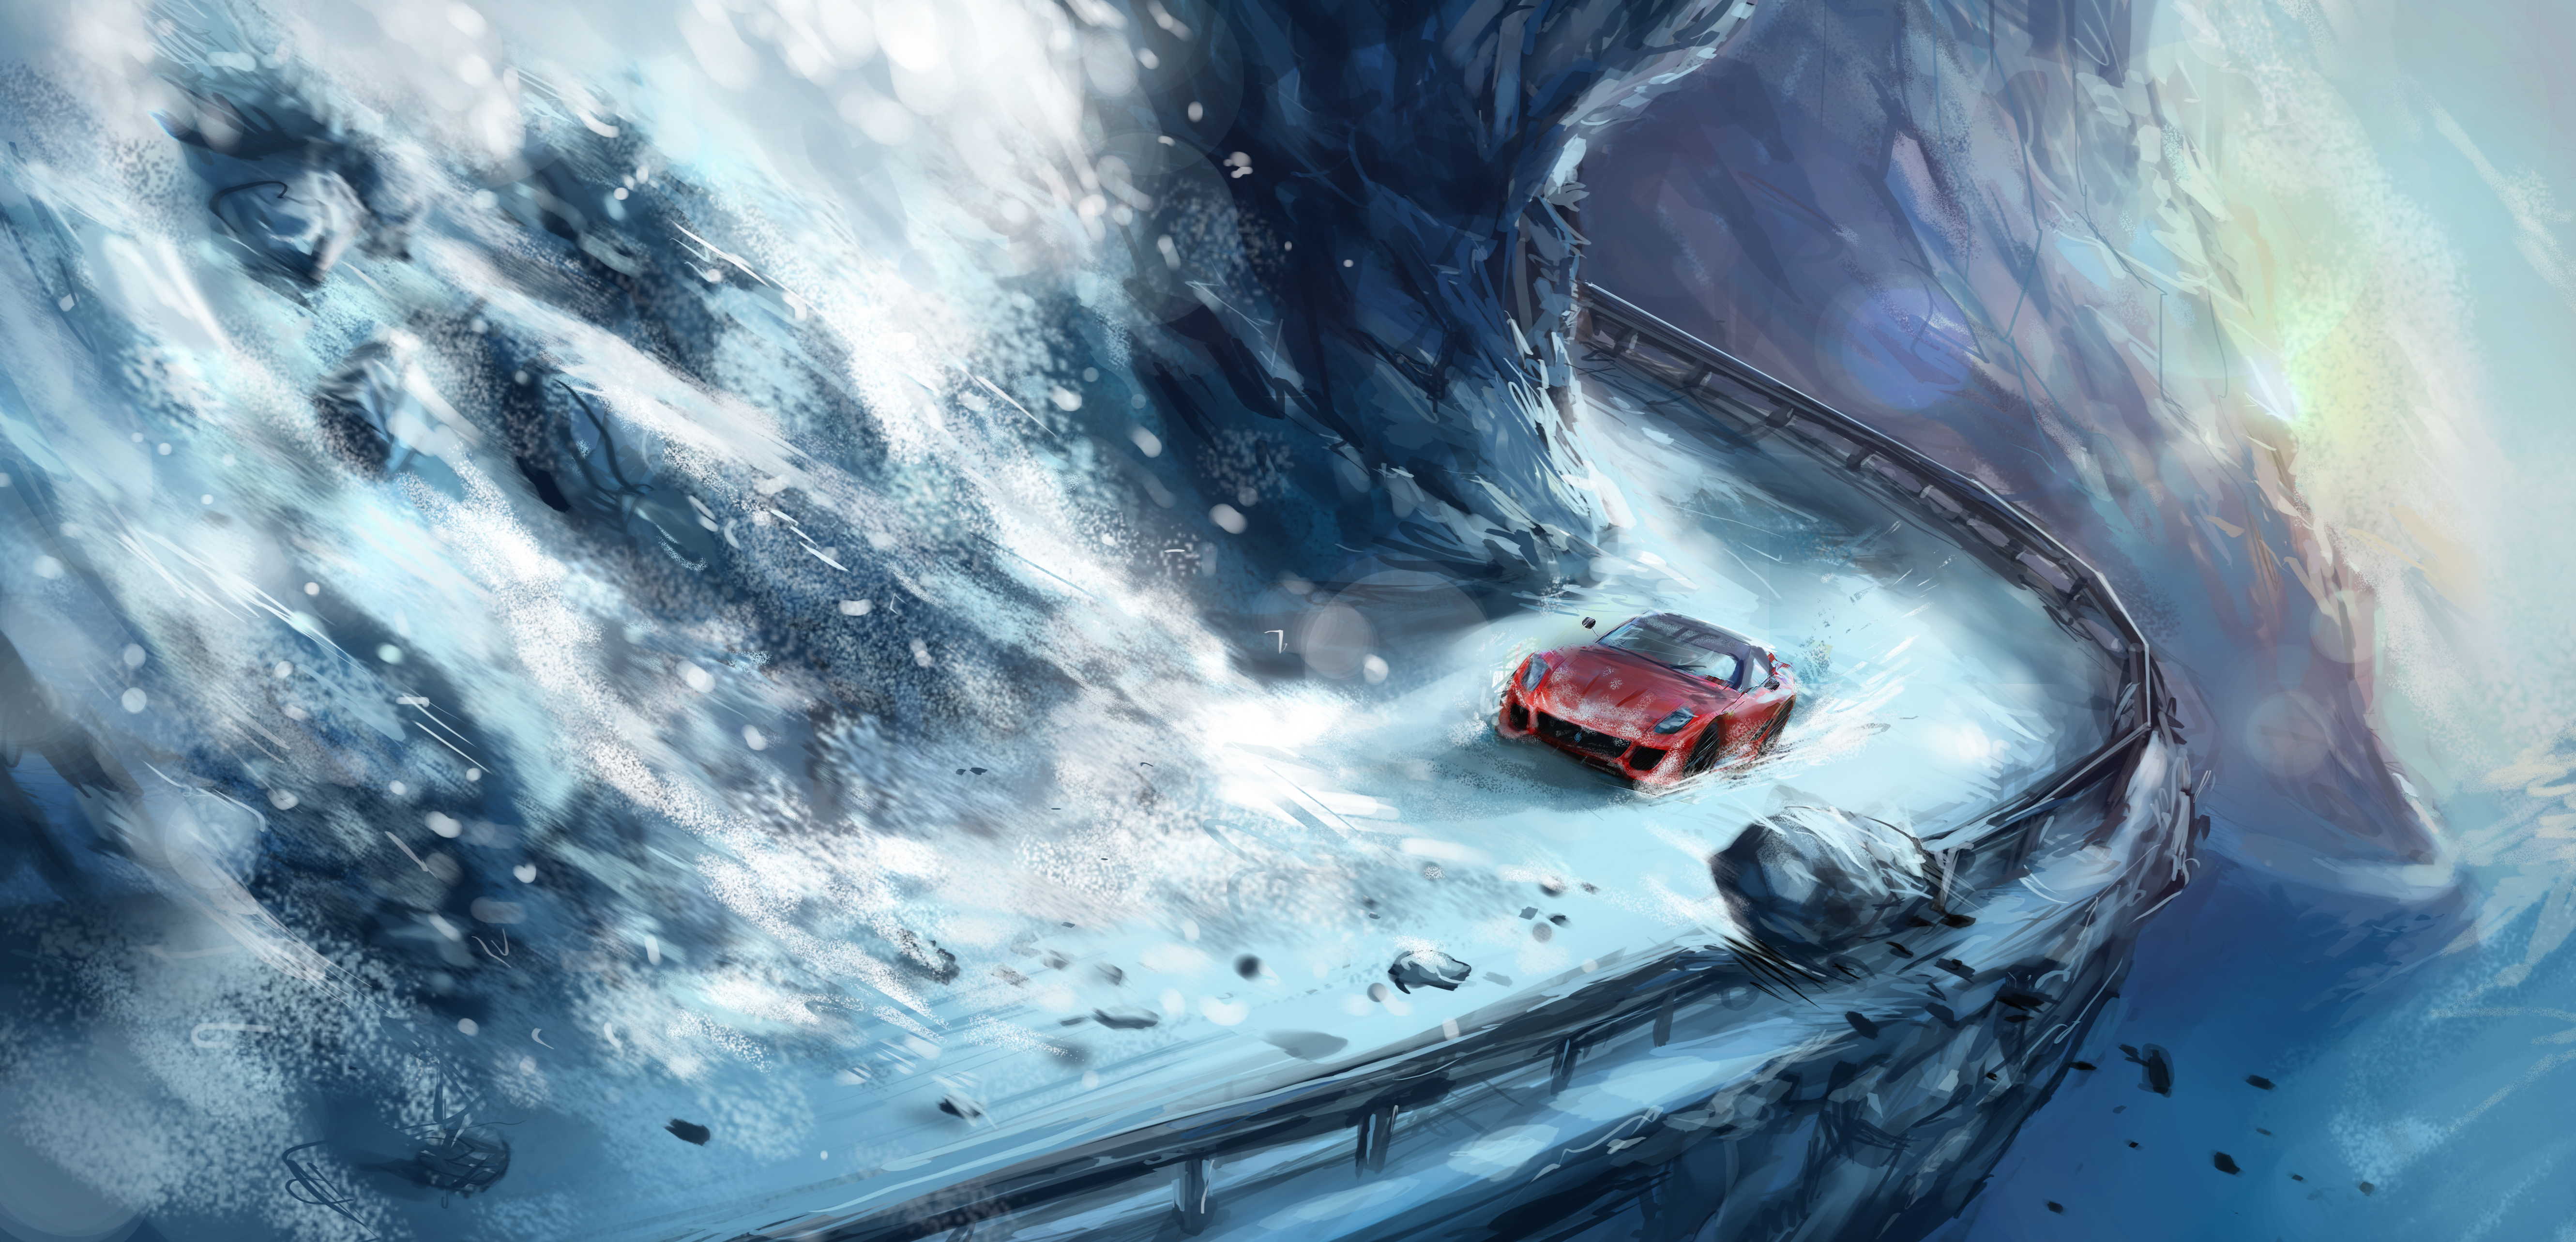 зима, пробки, ледниковый период, машины, фэнтези  № 1653948 загрузить